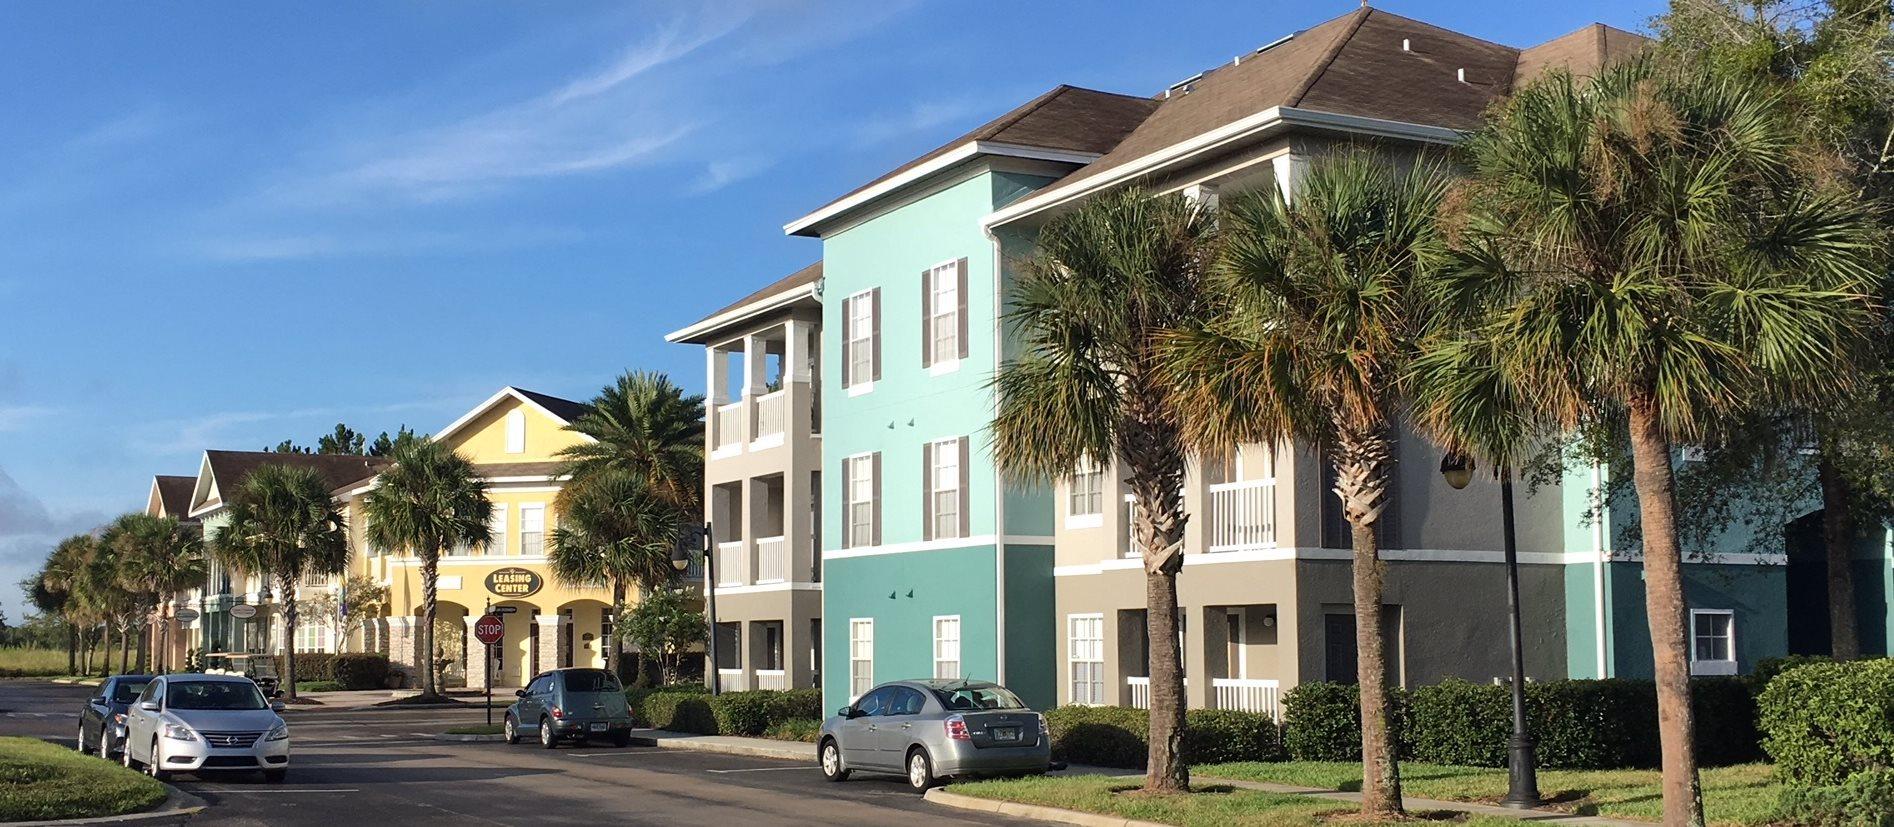 Ridgepointe Apartments